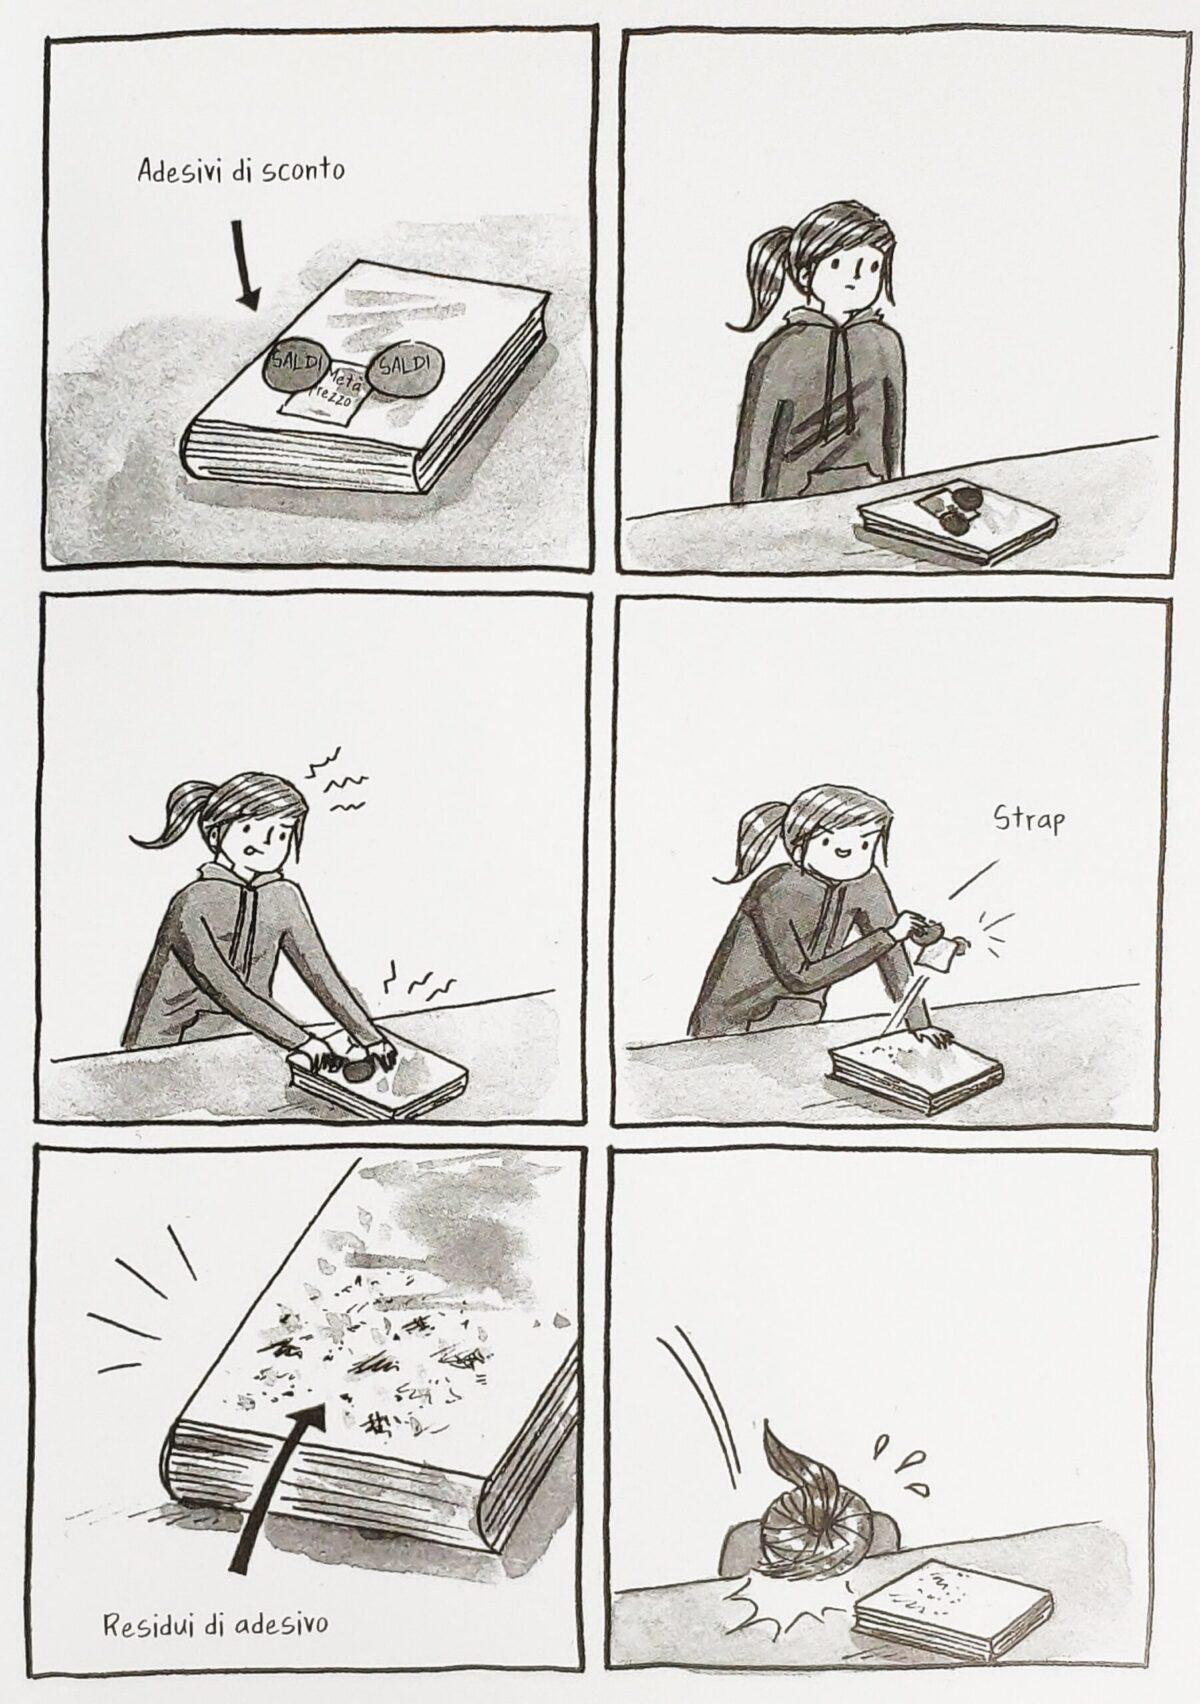 Mio caro fumetto... - Debbie e gli adesivi sconto sui libri